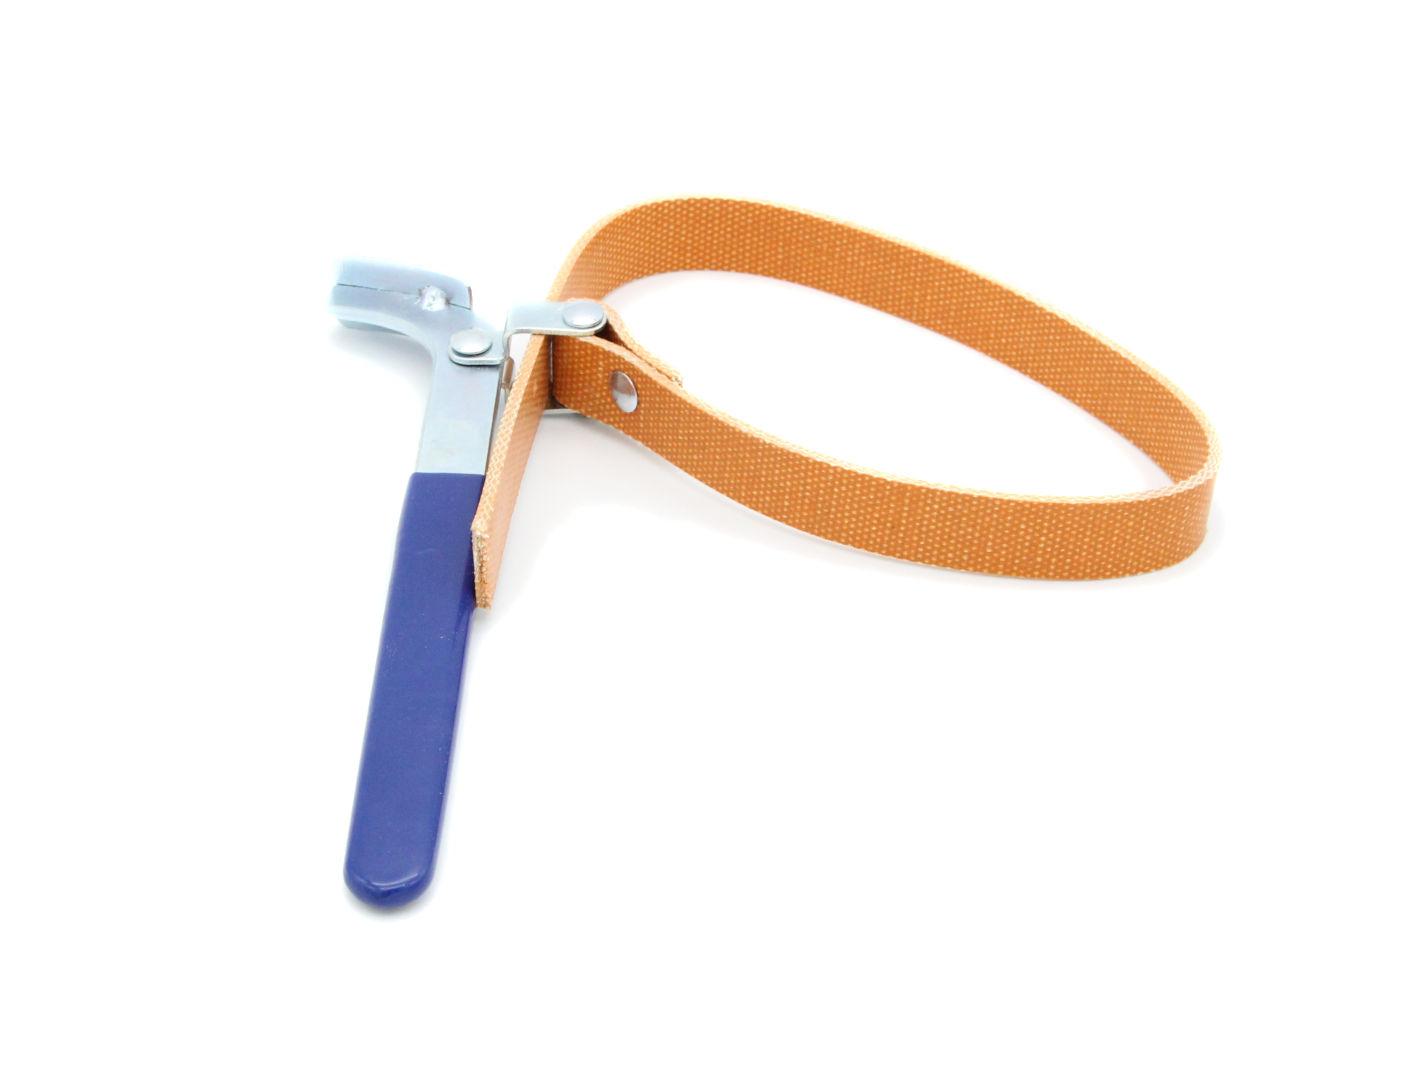 Halteband f. Schwungscheibe - Spezialwerkzeug - 49cm Bandlänge